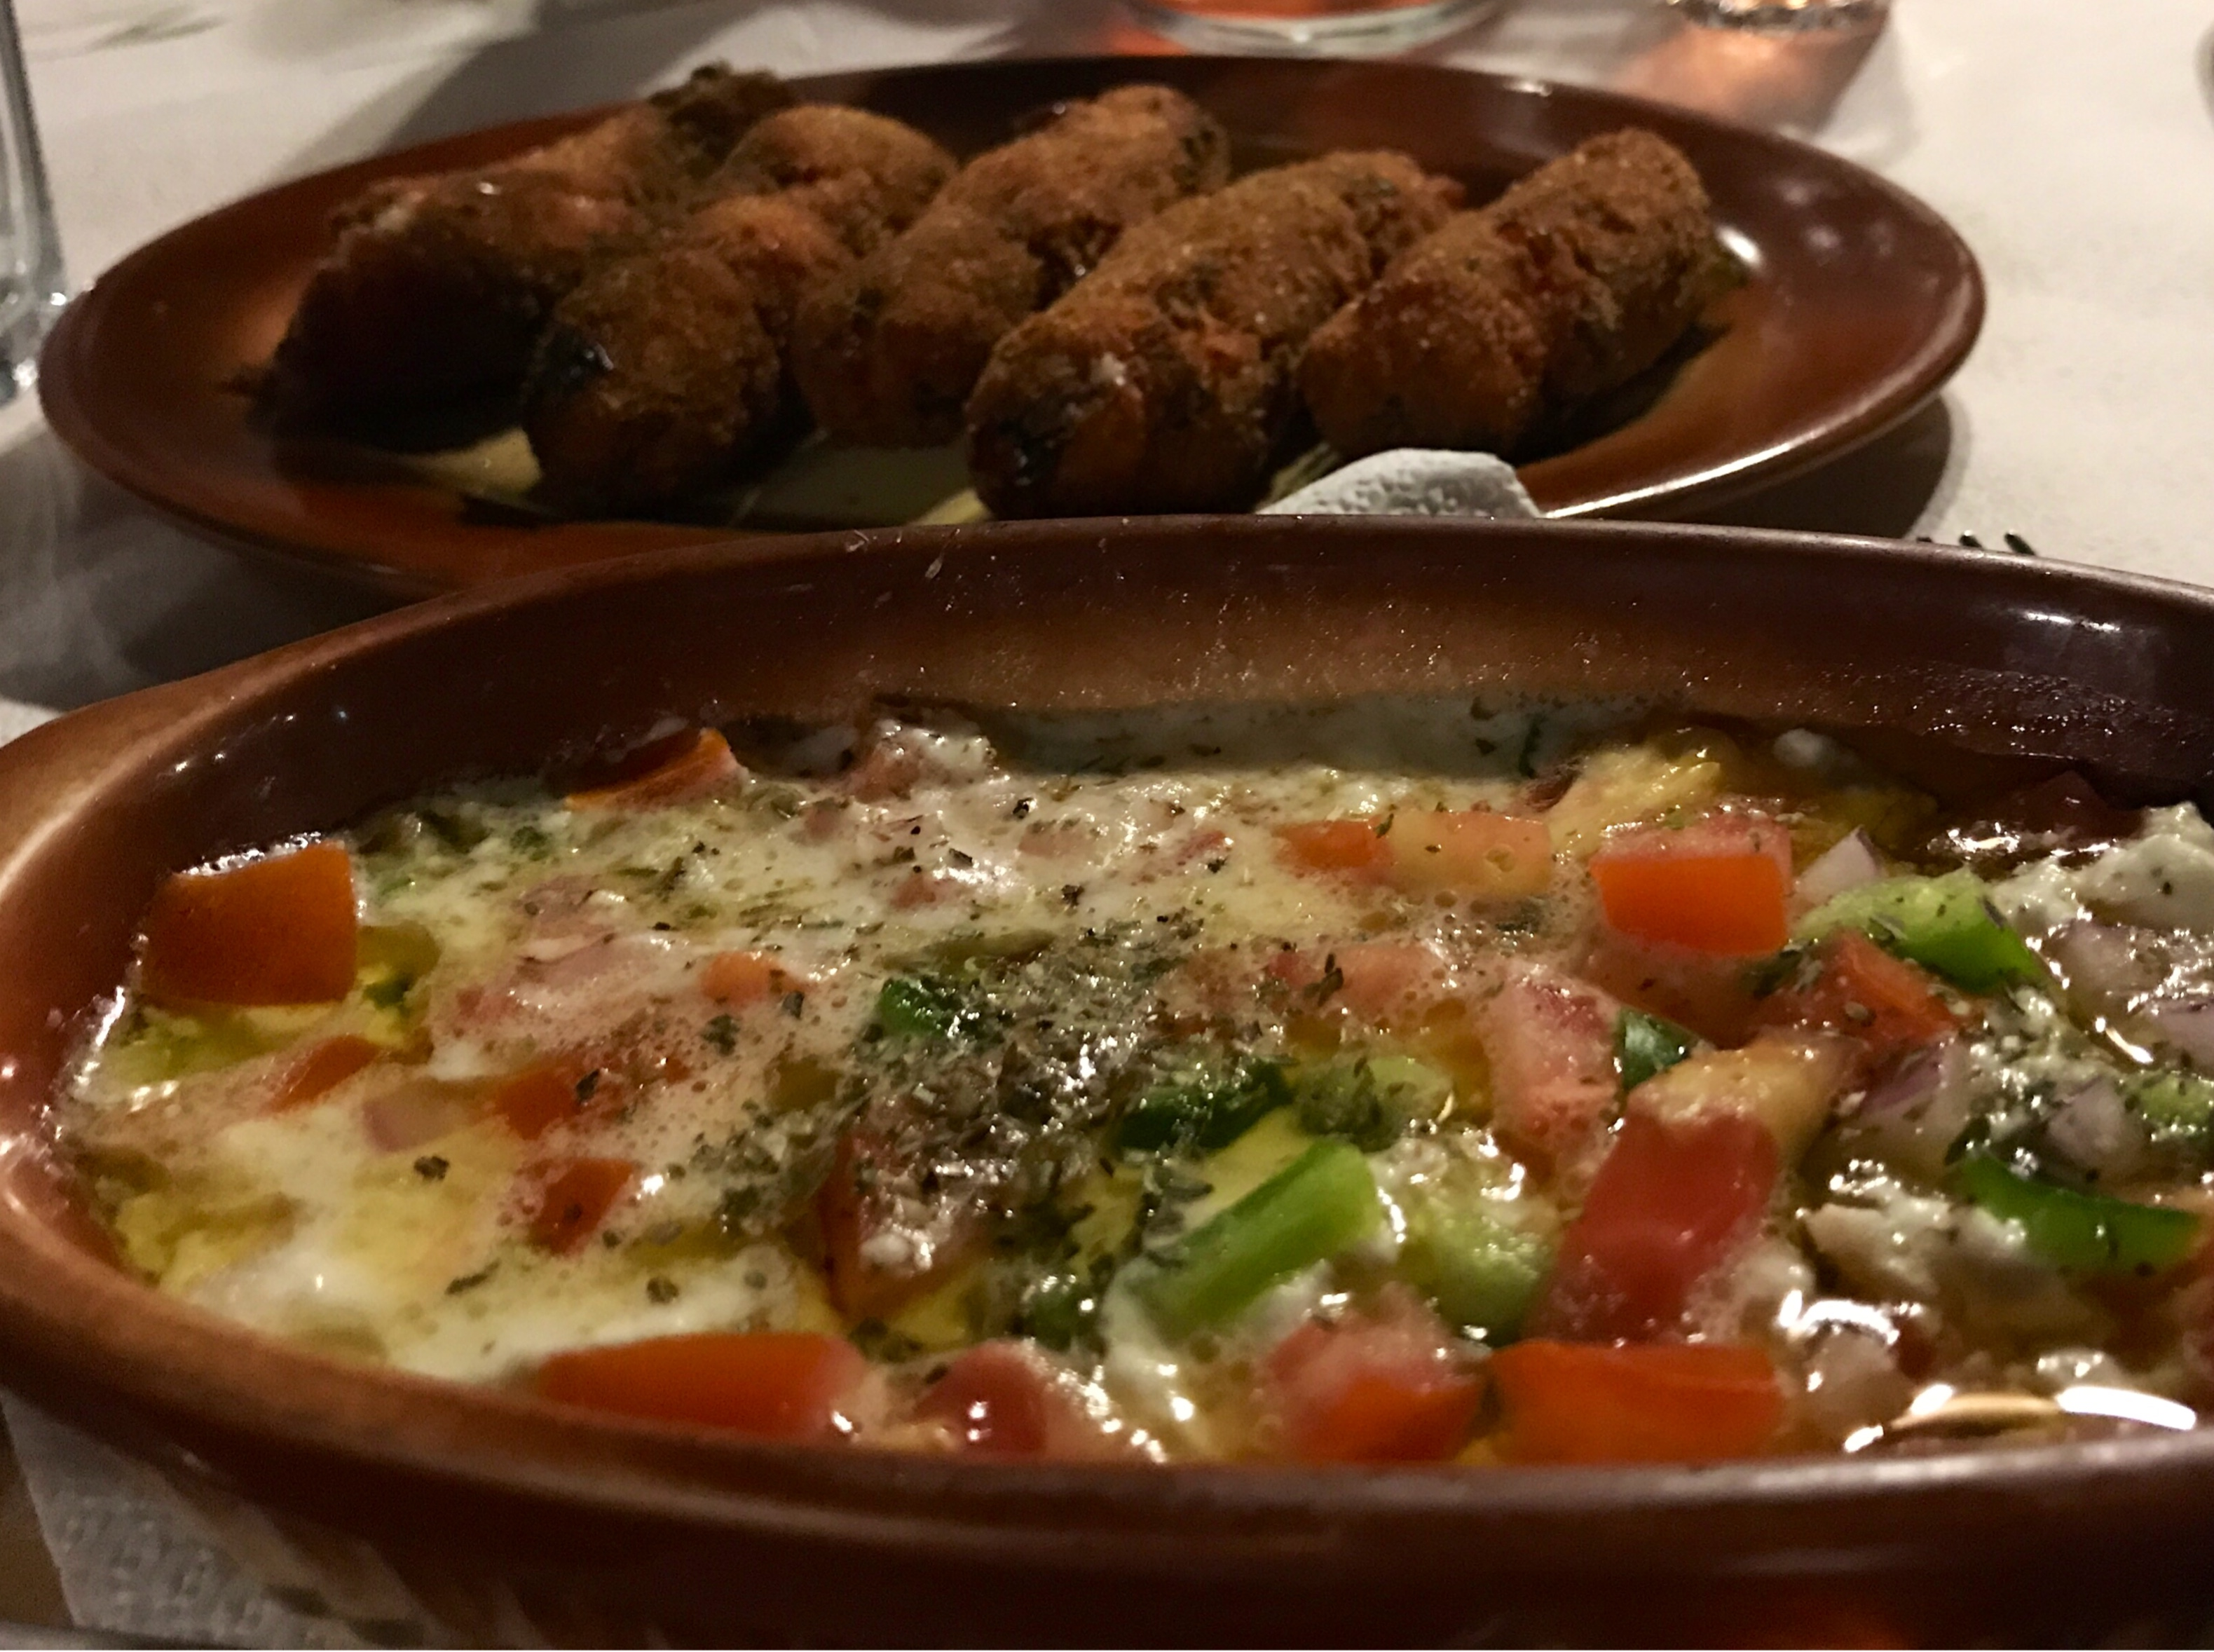 I forgrunnen en keramikkform med smeltet fetaost blandet med grønnsaker. I bakgrunnen noen brune ruller som skal være tomatboller.